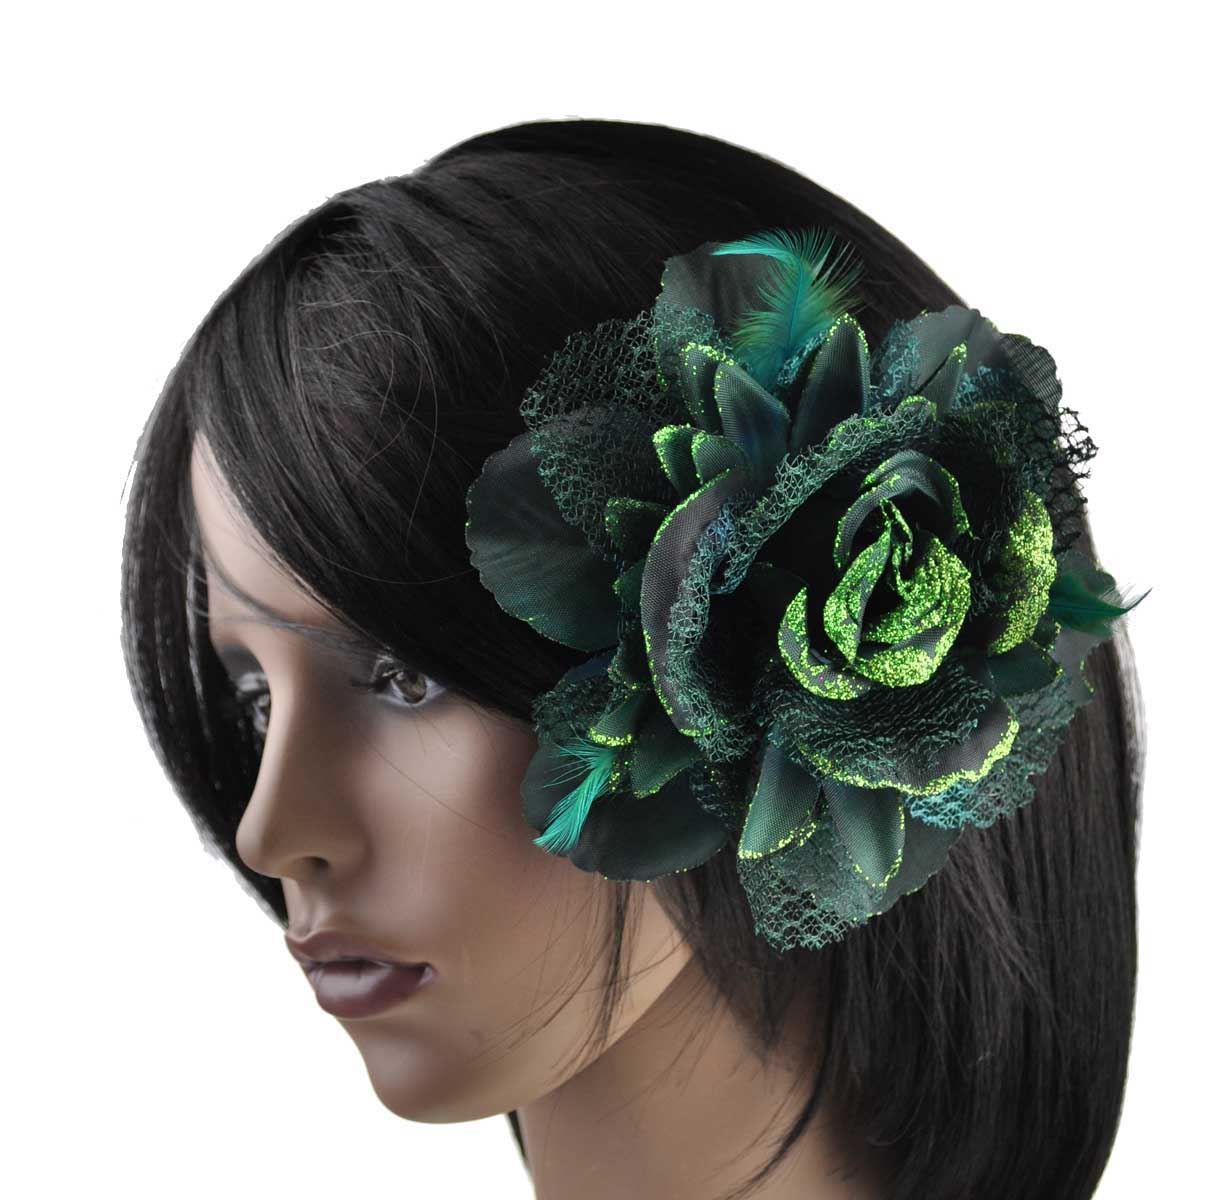 gro billig corsage spitze feder blumen haarspange kopfschmuck brosche elastisch ebay. Black Bedroom Furniture Sets. Home Design Ideas